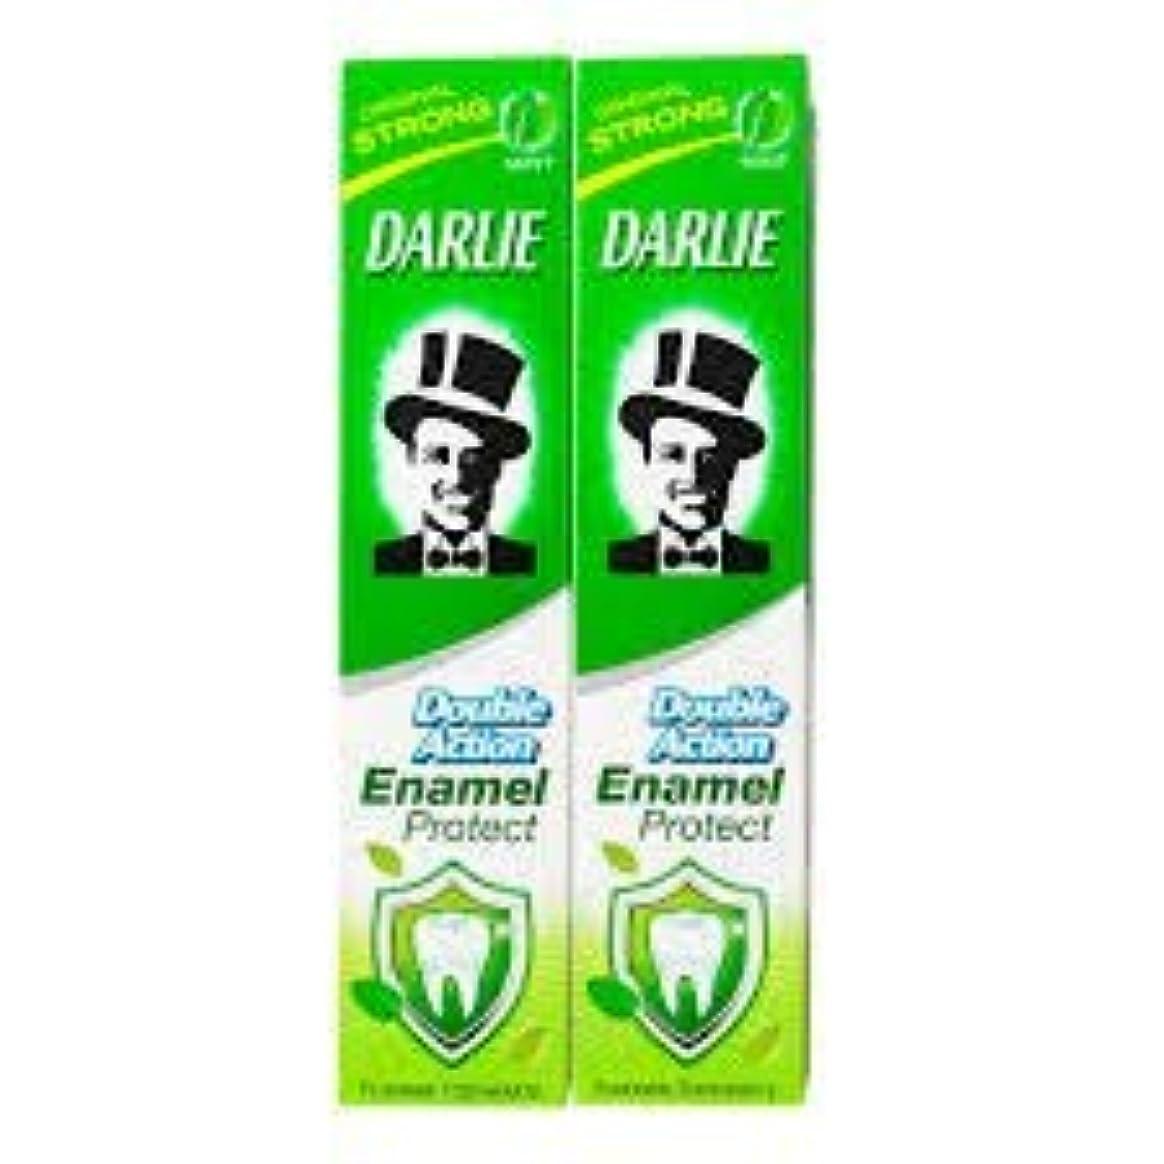 一般的に言えば挑むプラスDARLIE 歯磨き粉歯磨き粉二重の役割、保護エナメル強いミント2×220ケ - あなたの歯を強化し、防御の最前線